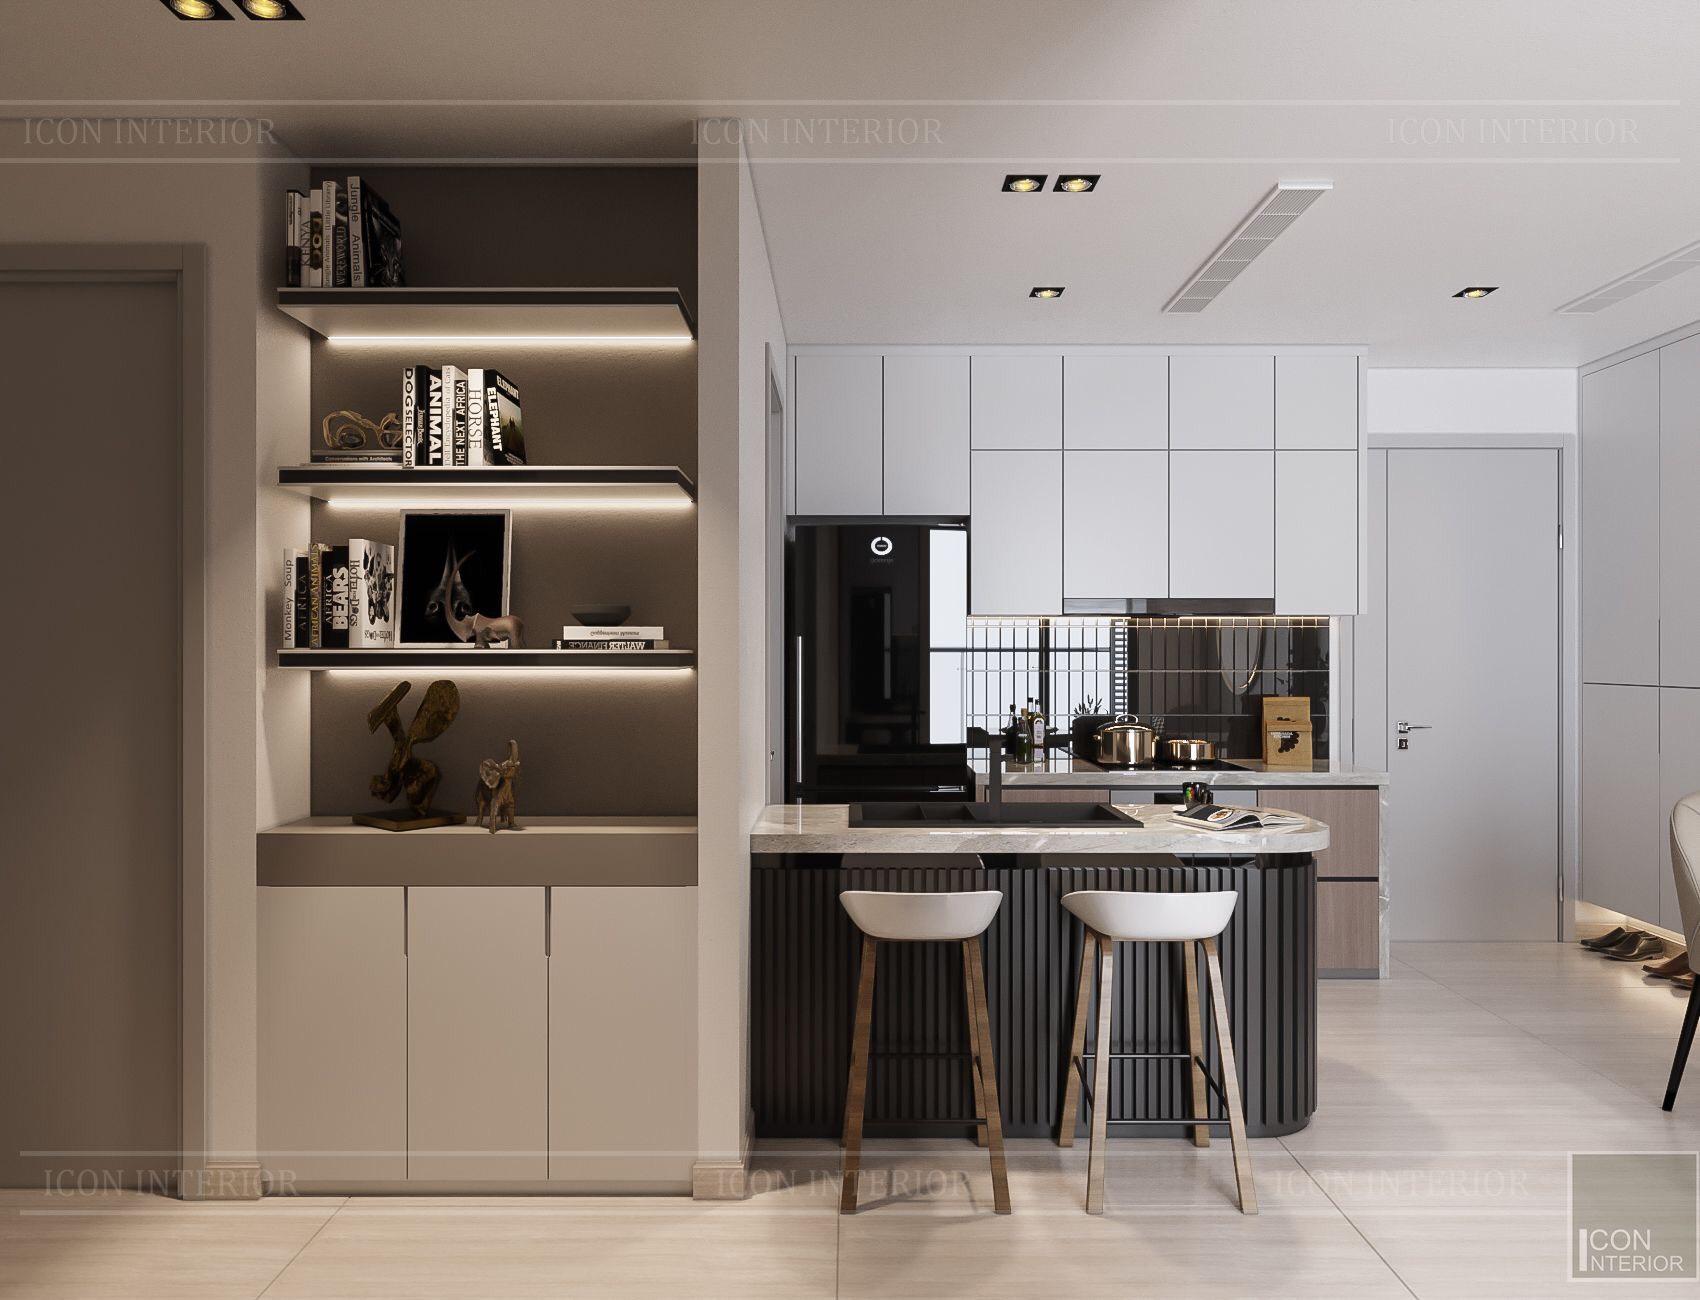 thiết kế nội thất chung cư kingdom 101 - phòng bếp